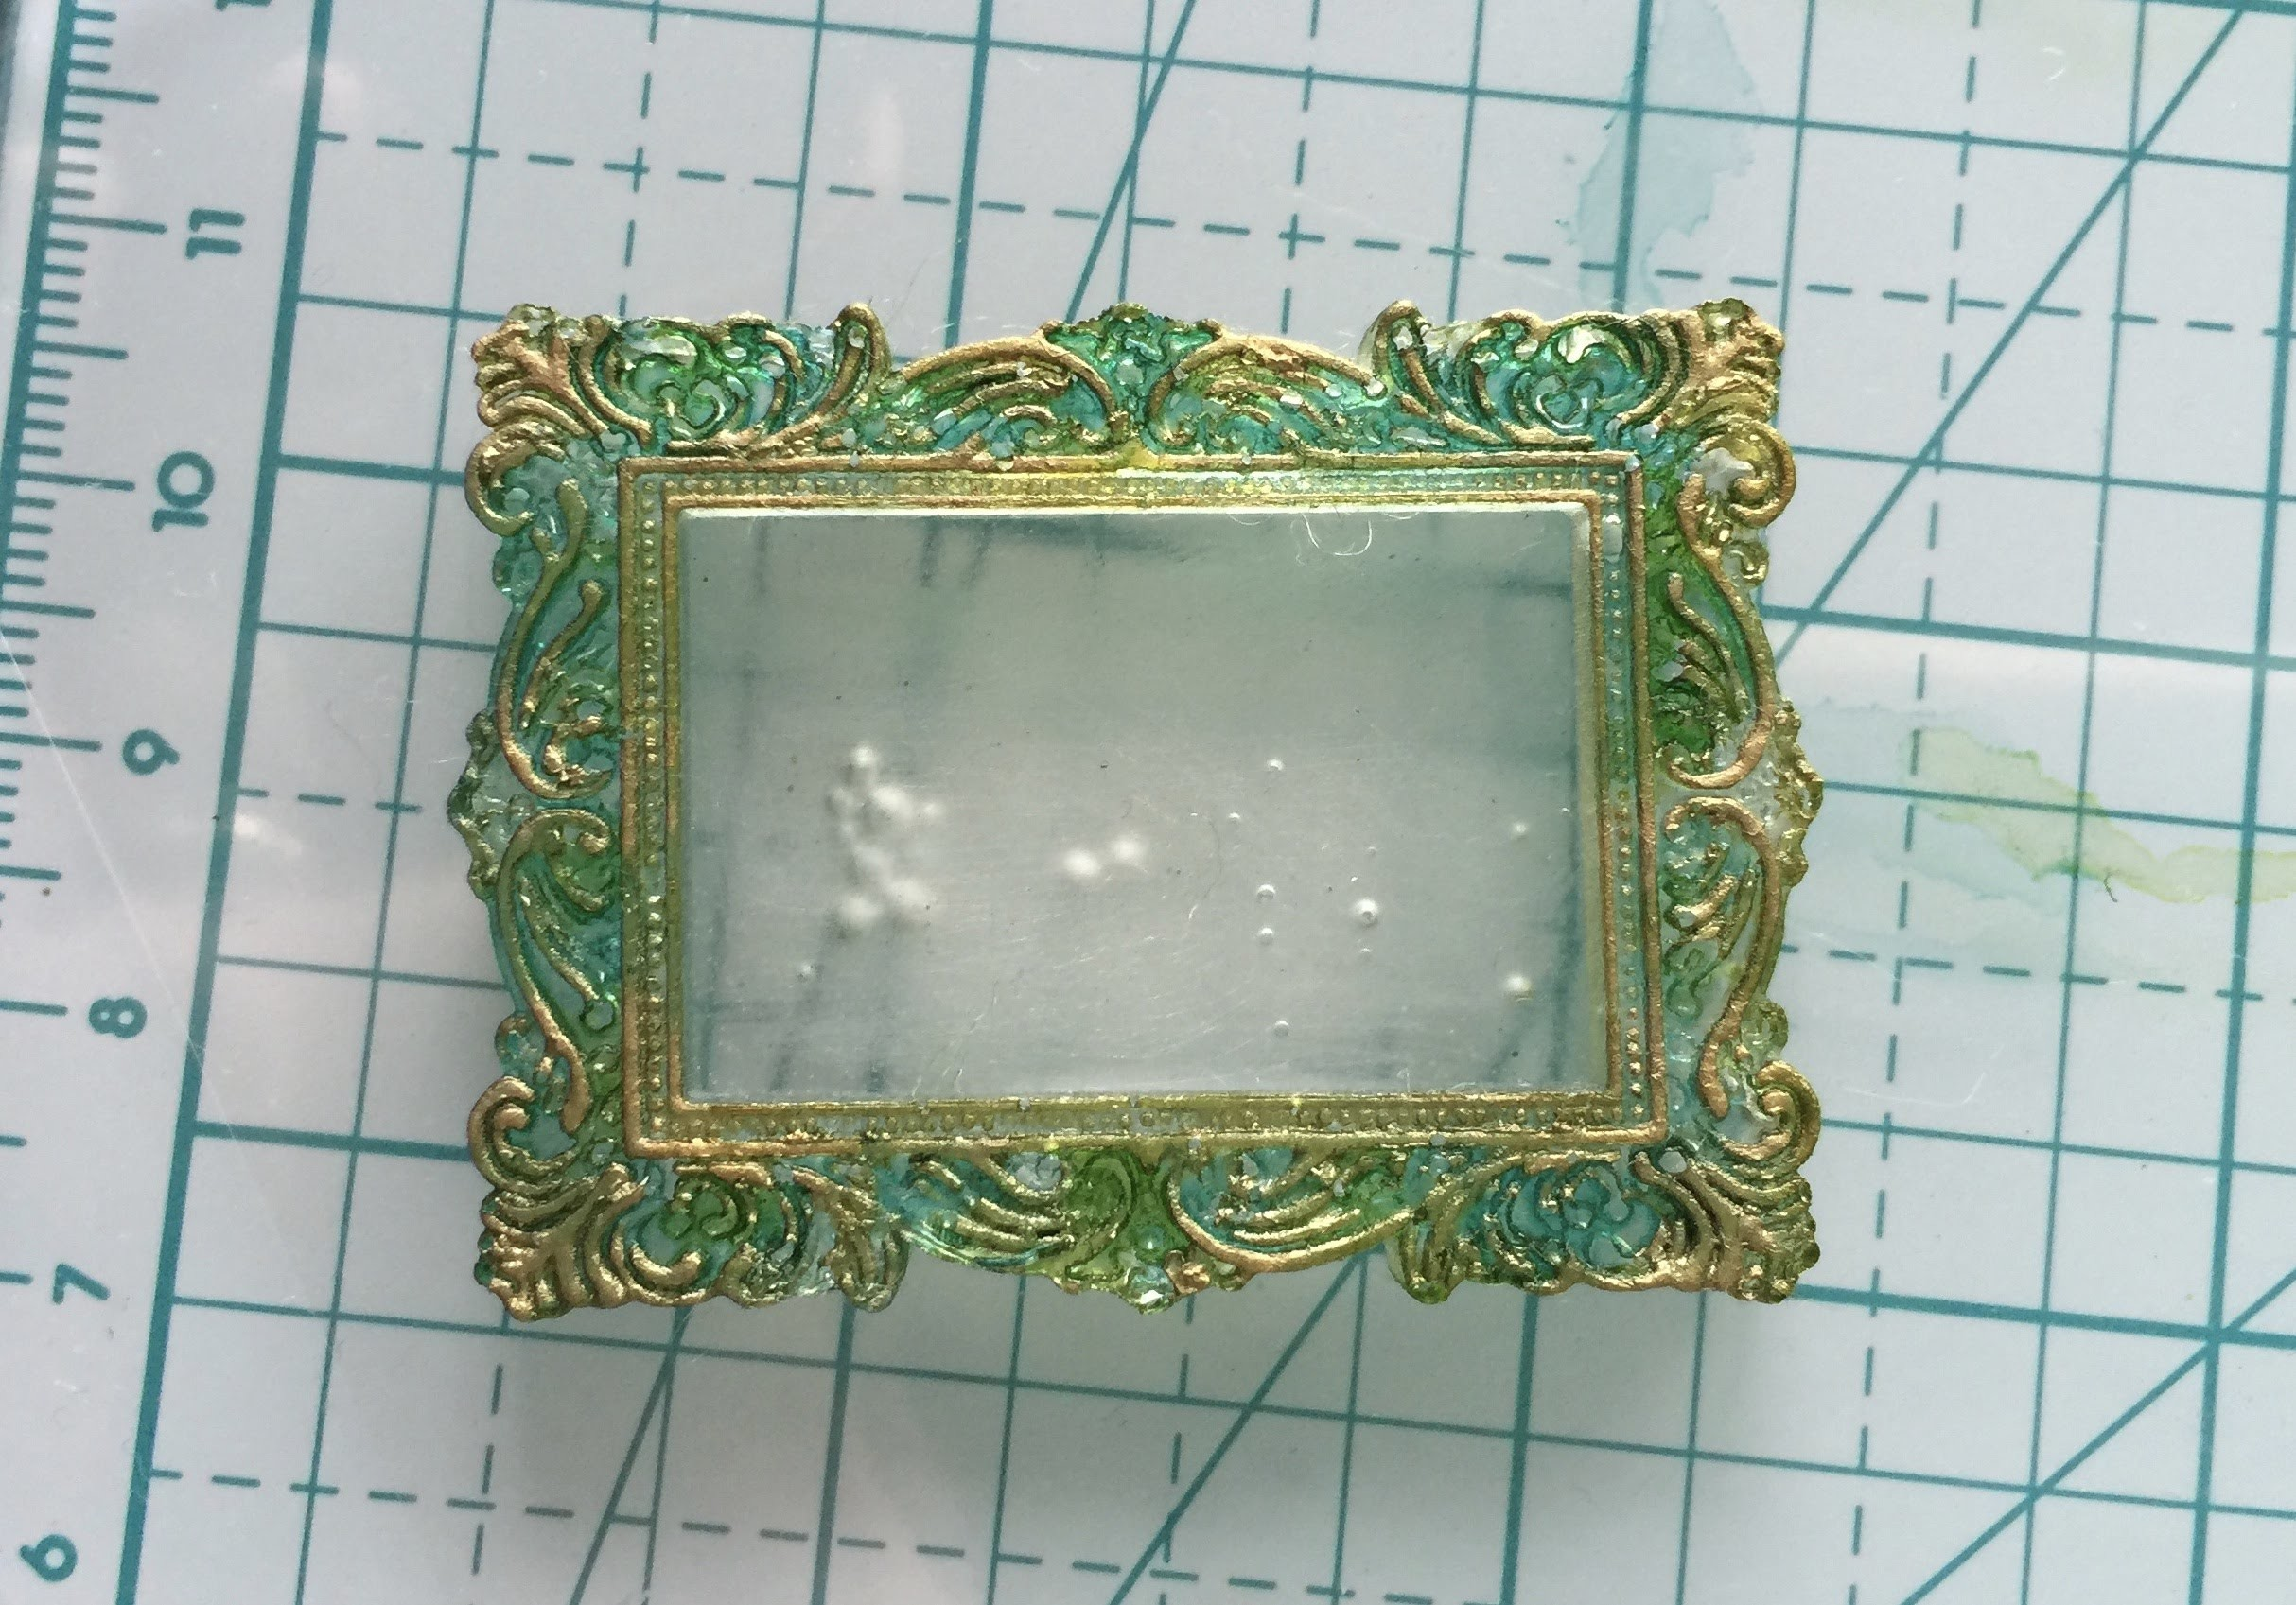 How to make a resin frame (basic)